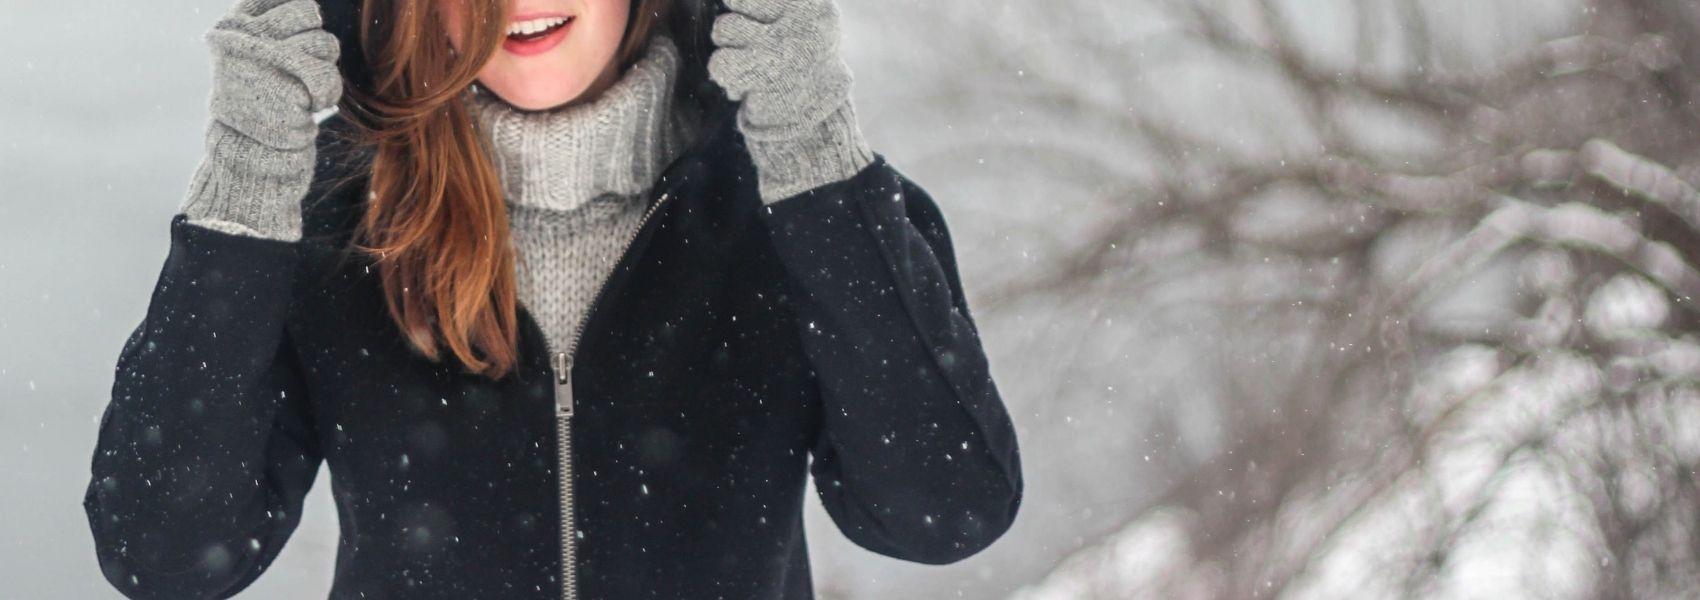 cuidados com o frio